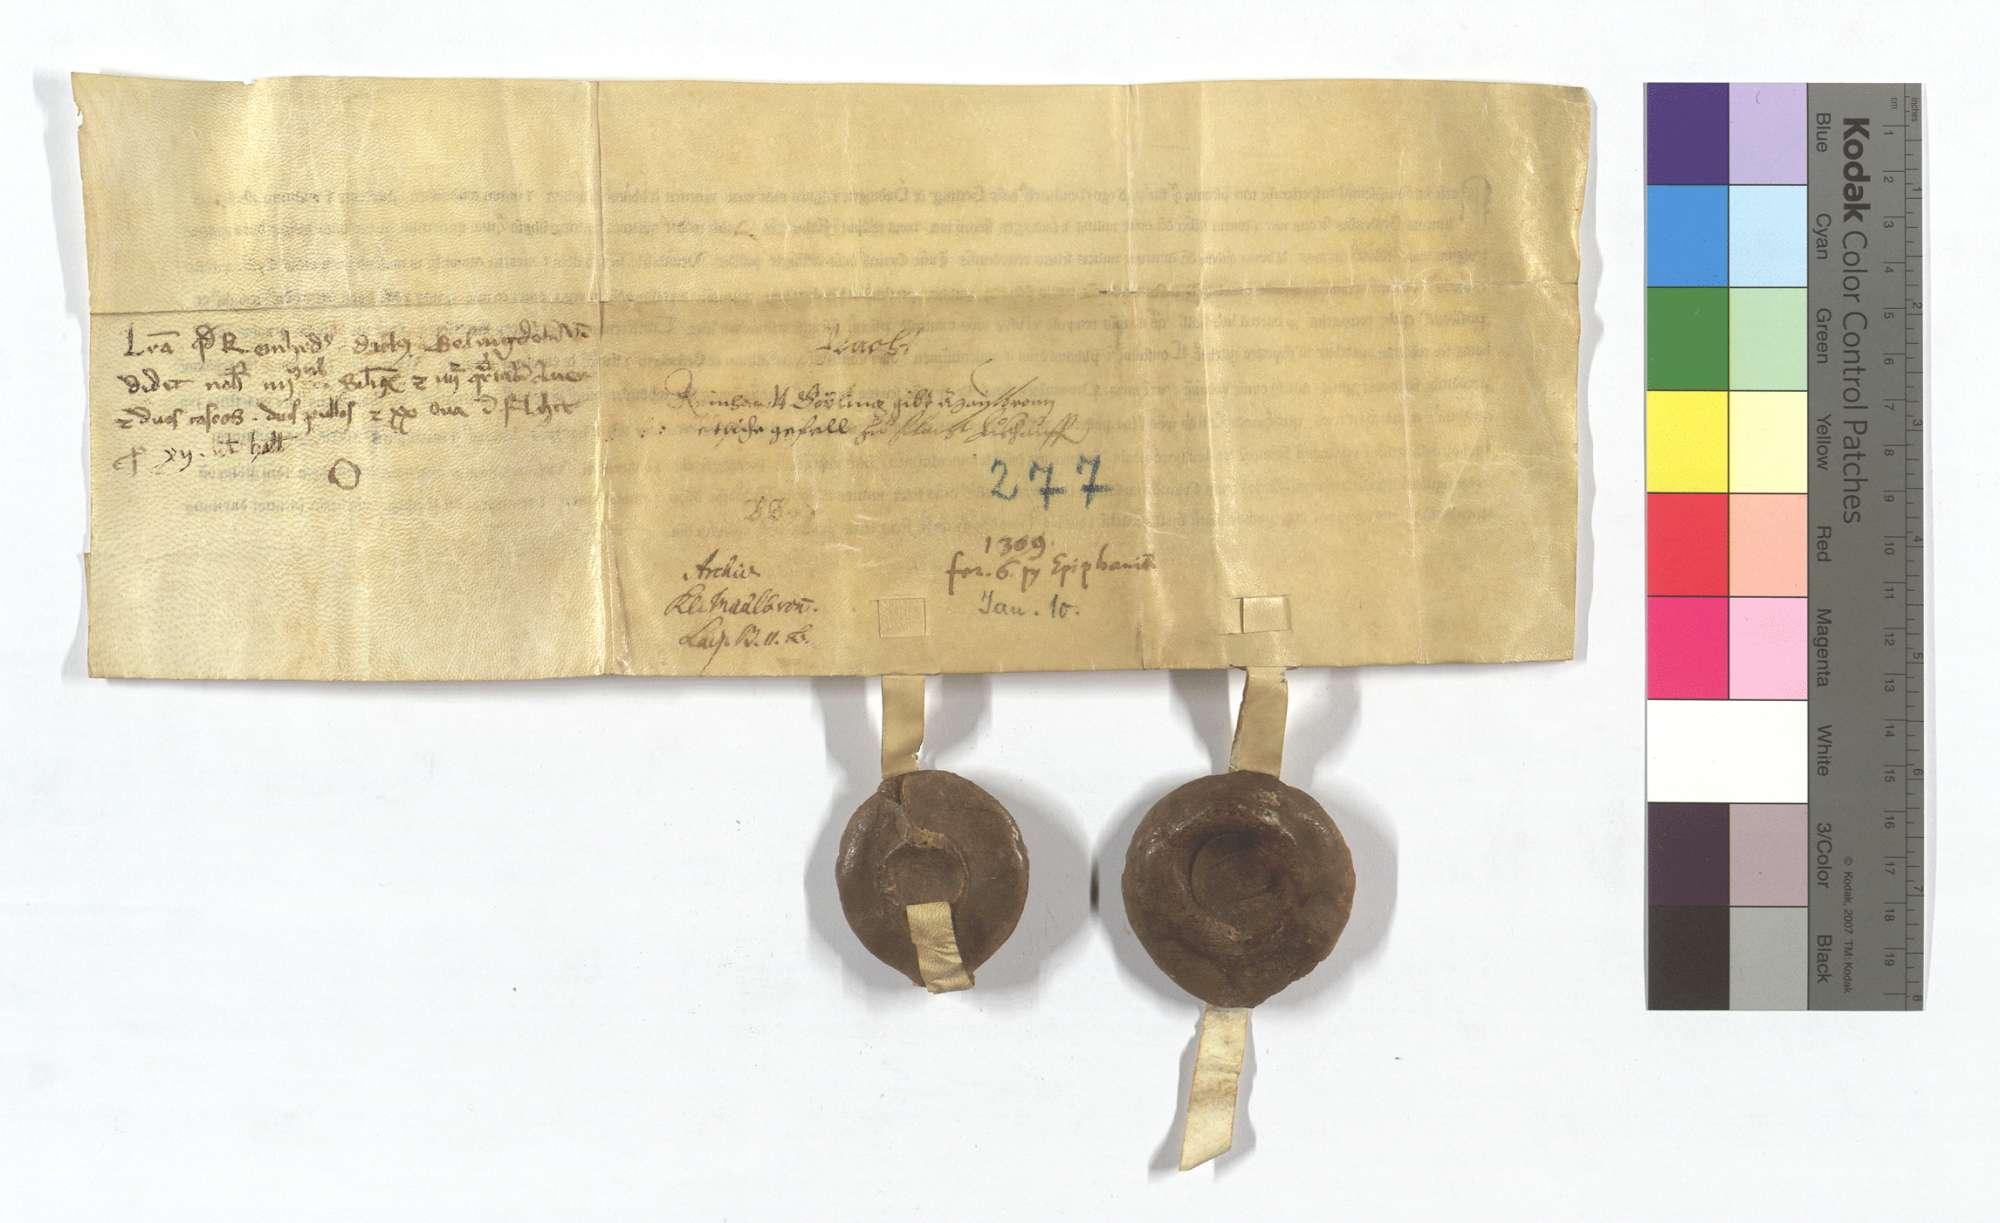 Reinhard Geiling von Ehningen verkauft dem Kloster Maulbronn etliche Gülten in Flacht., Rückseite